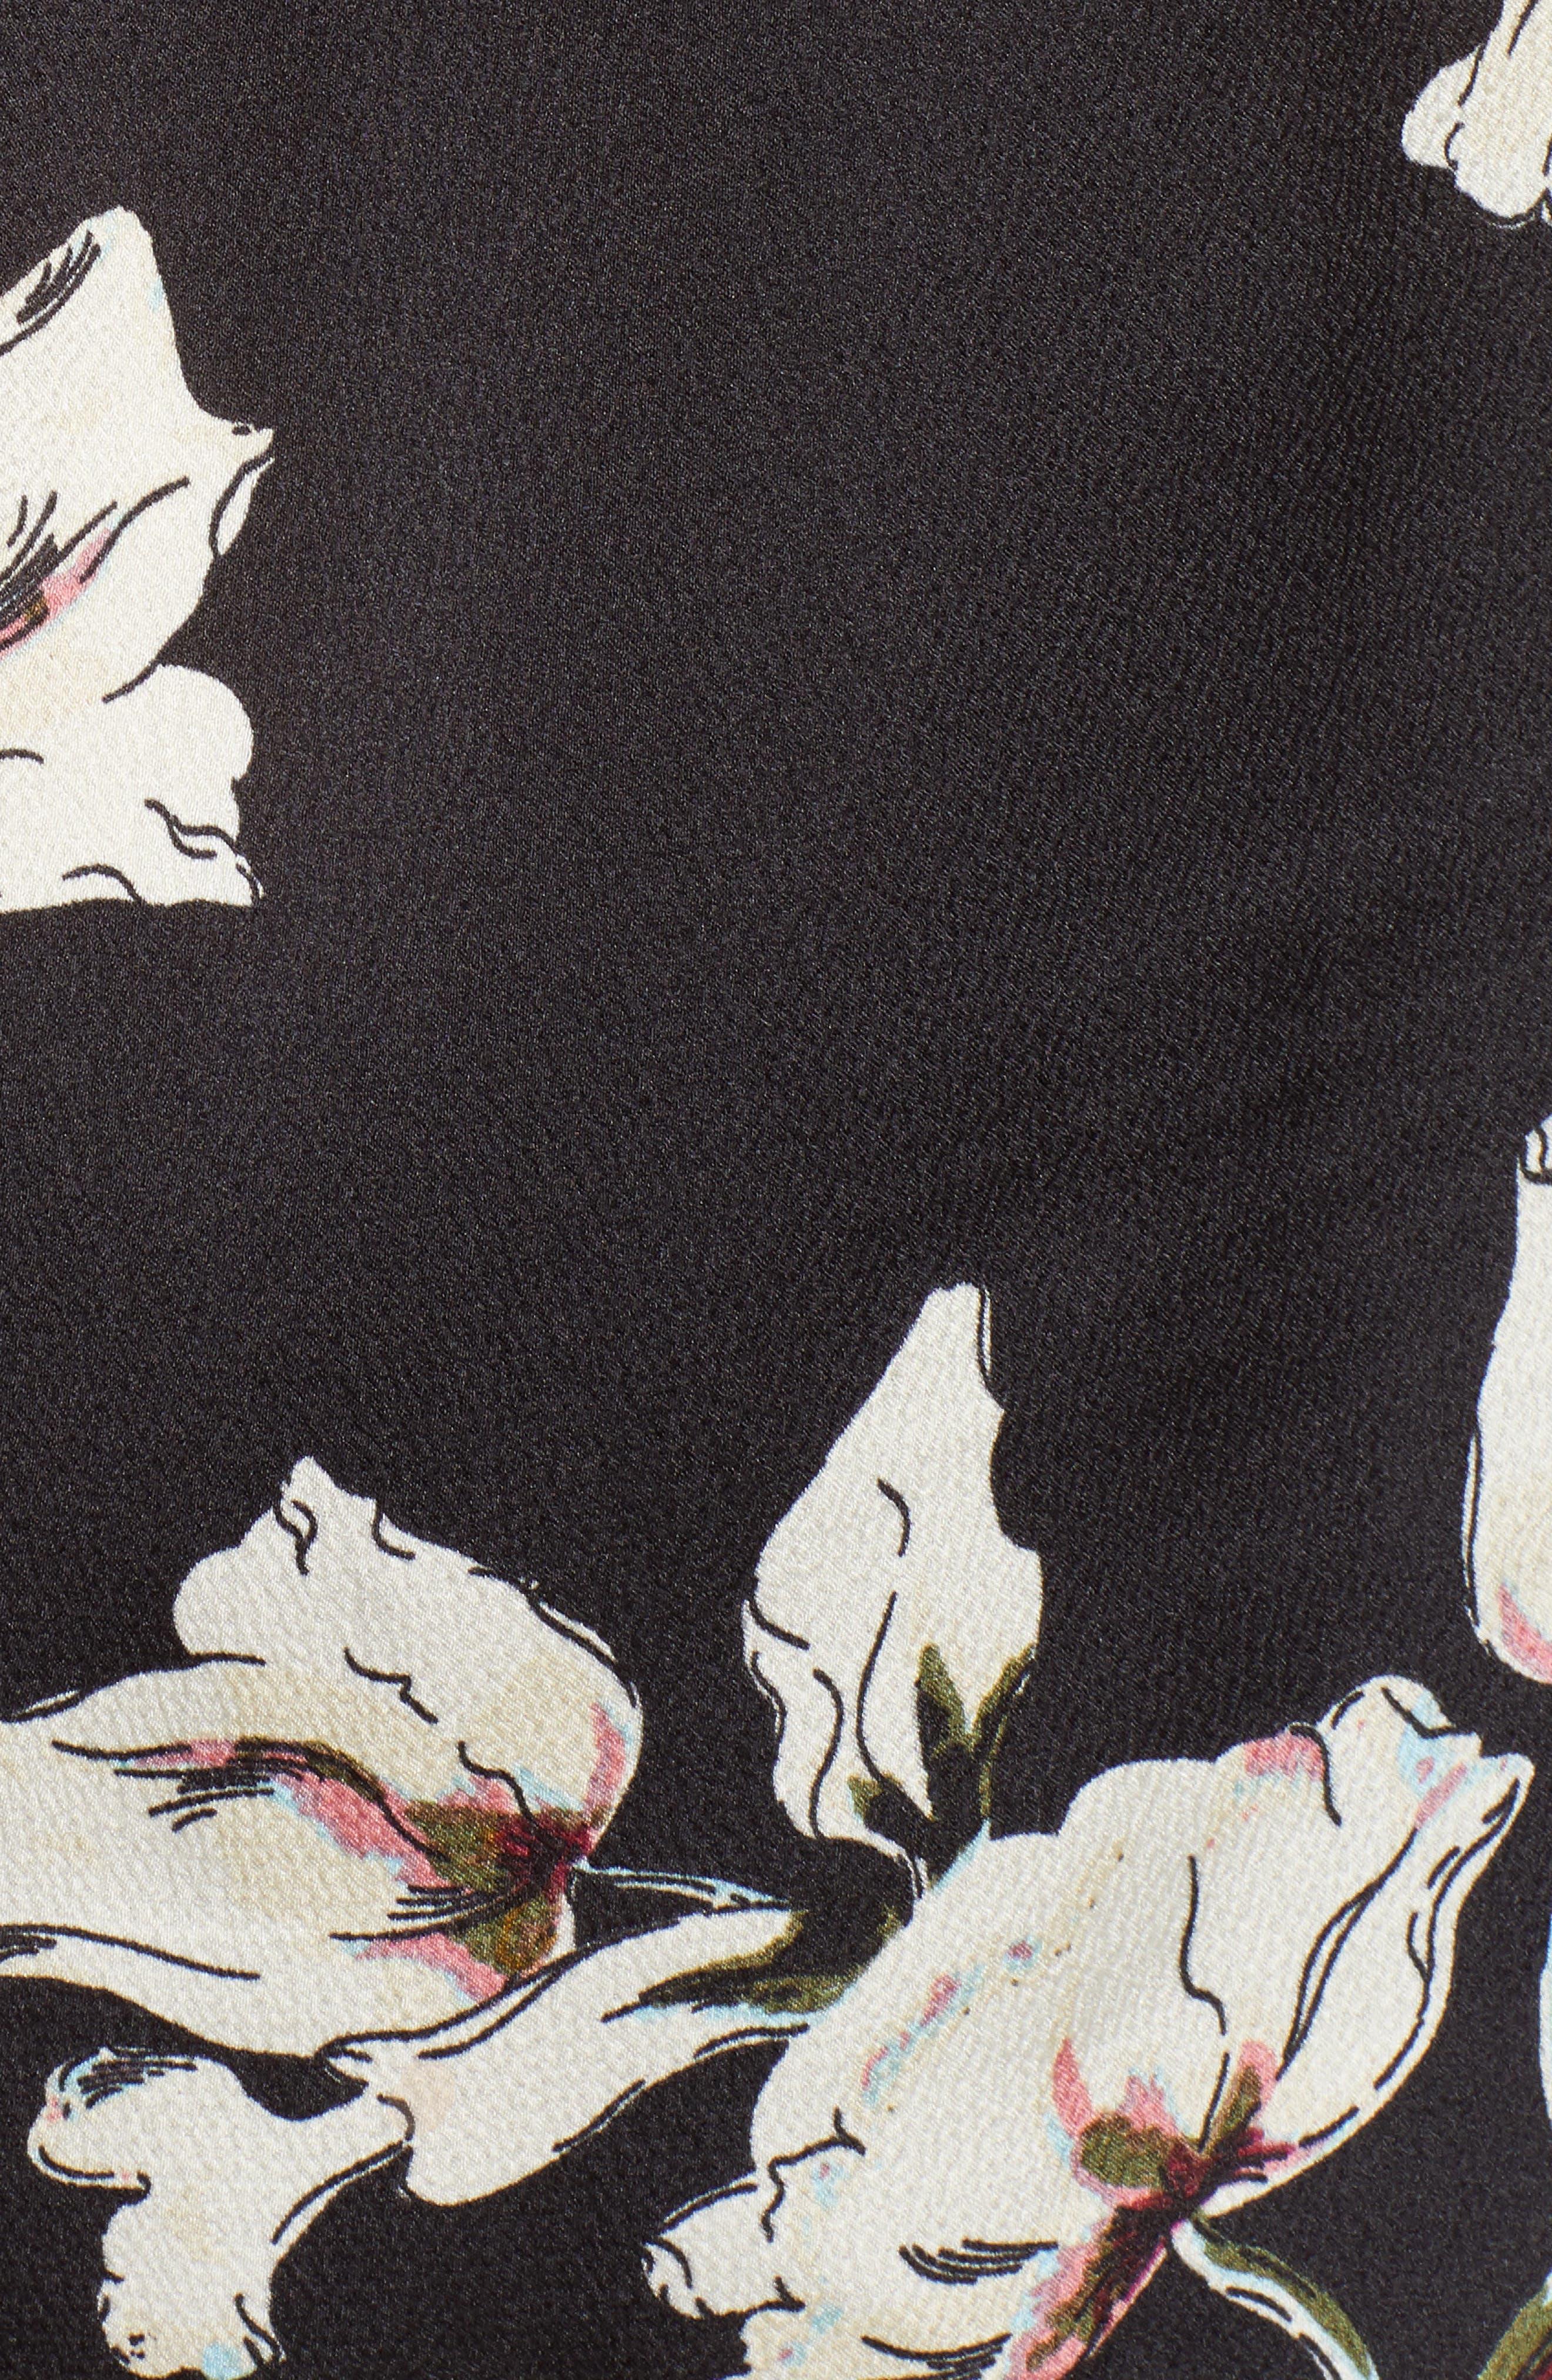 Bishop + Young Bella Flutter Tank Top,                             Alternate thumbnail 5, color,                             BLACK